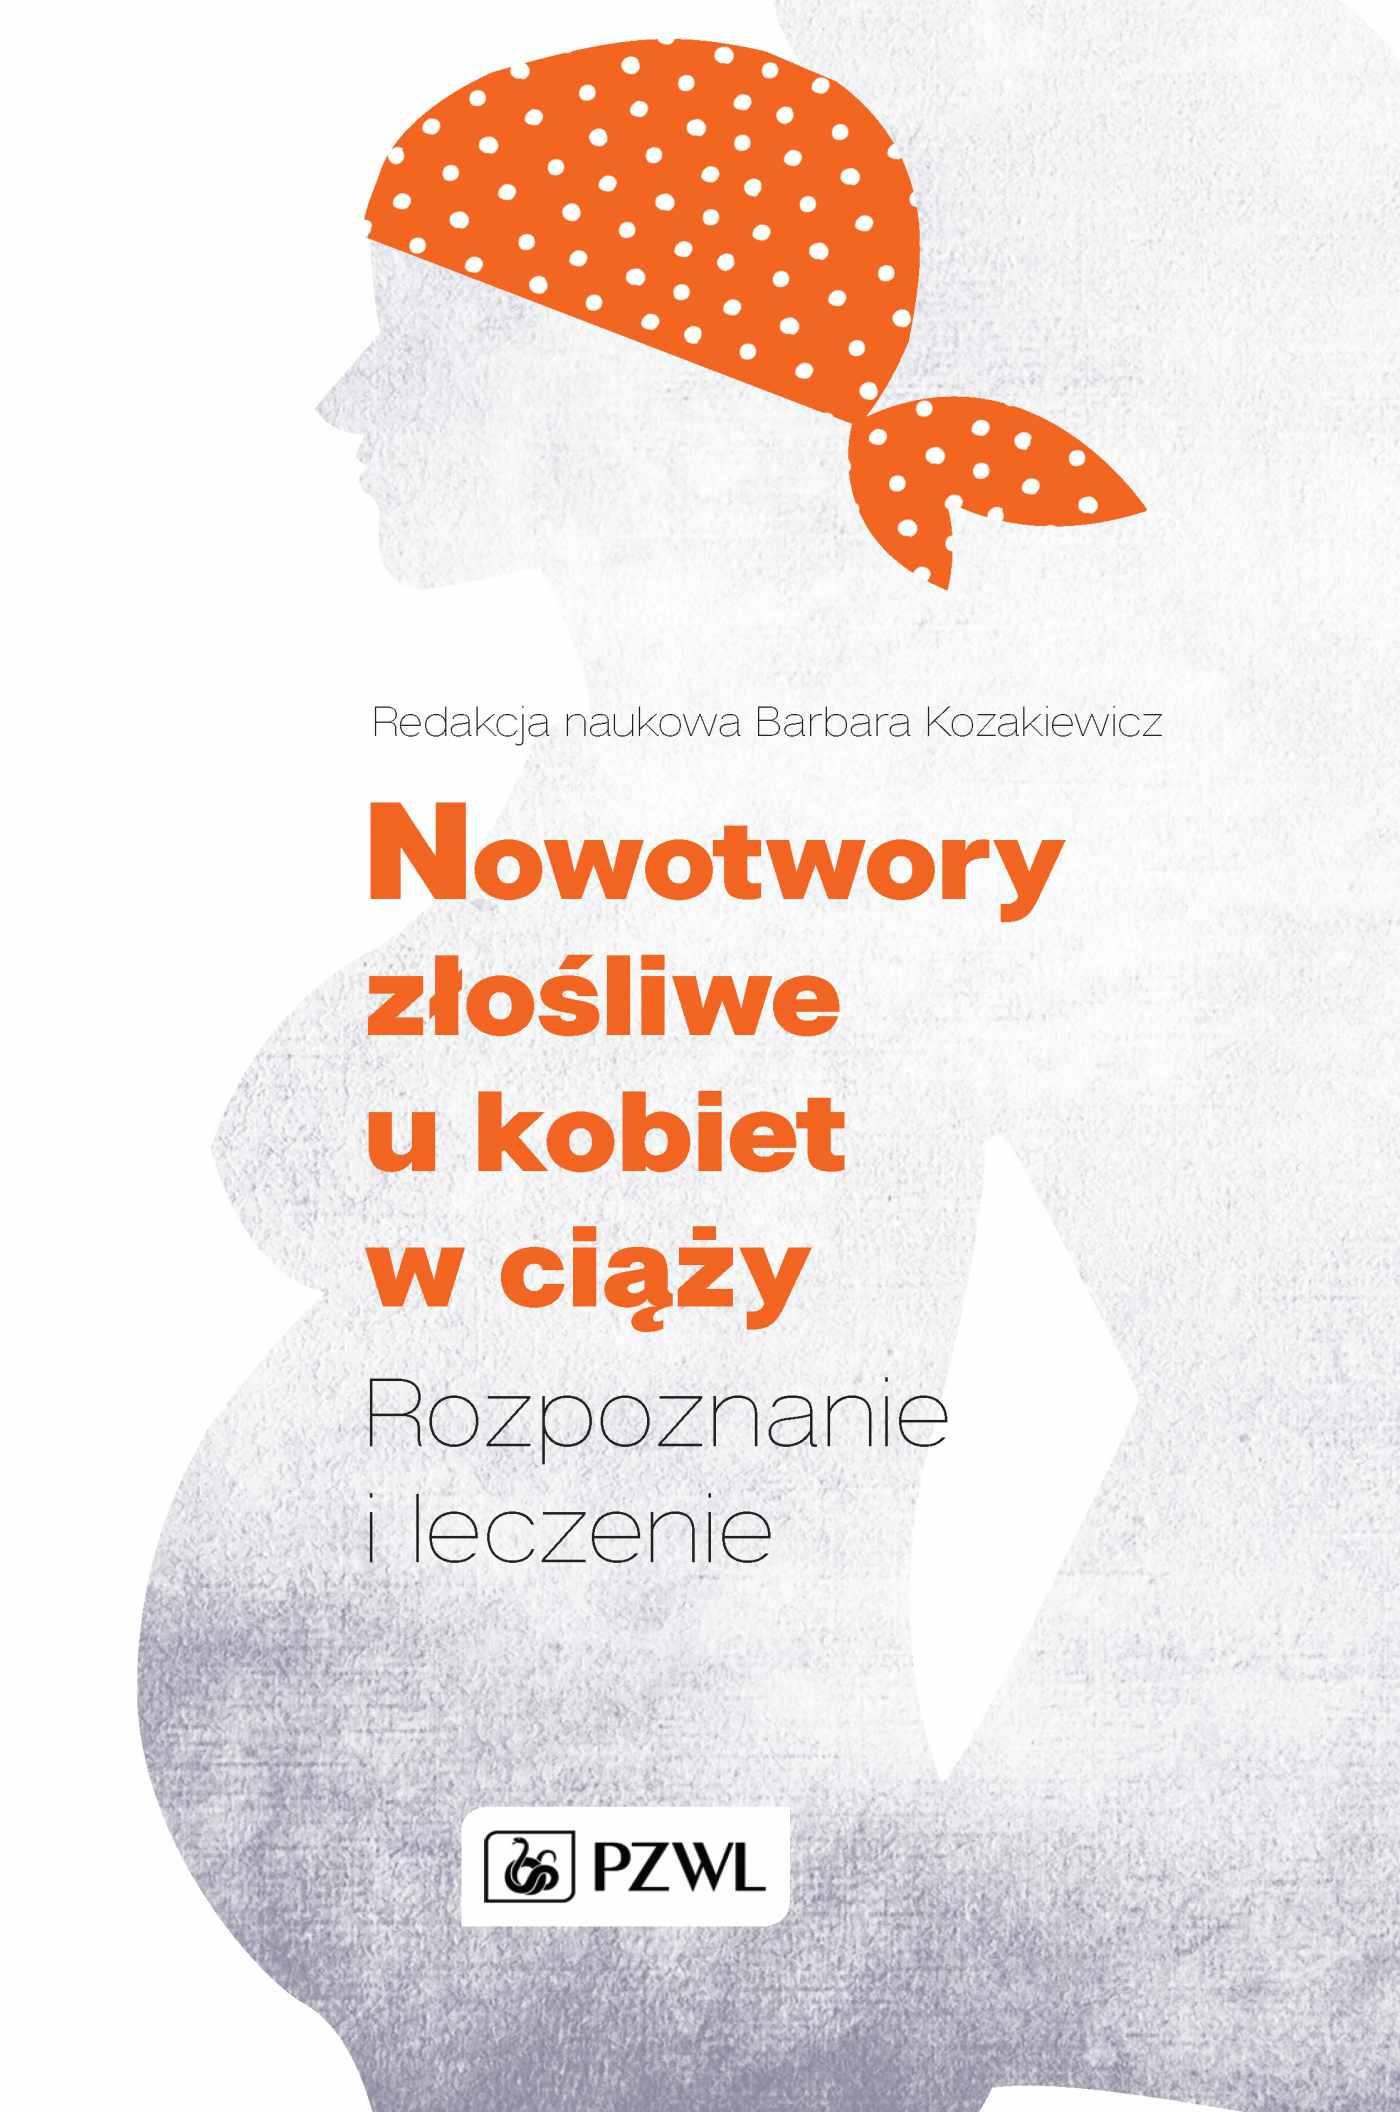 Nowotwory złośliwe u kobiet w ciąży. Rozpoznanie i leczenie - Ebook (Książka na Kindle) do pobrania w formacie MOBI